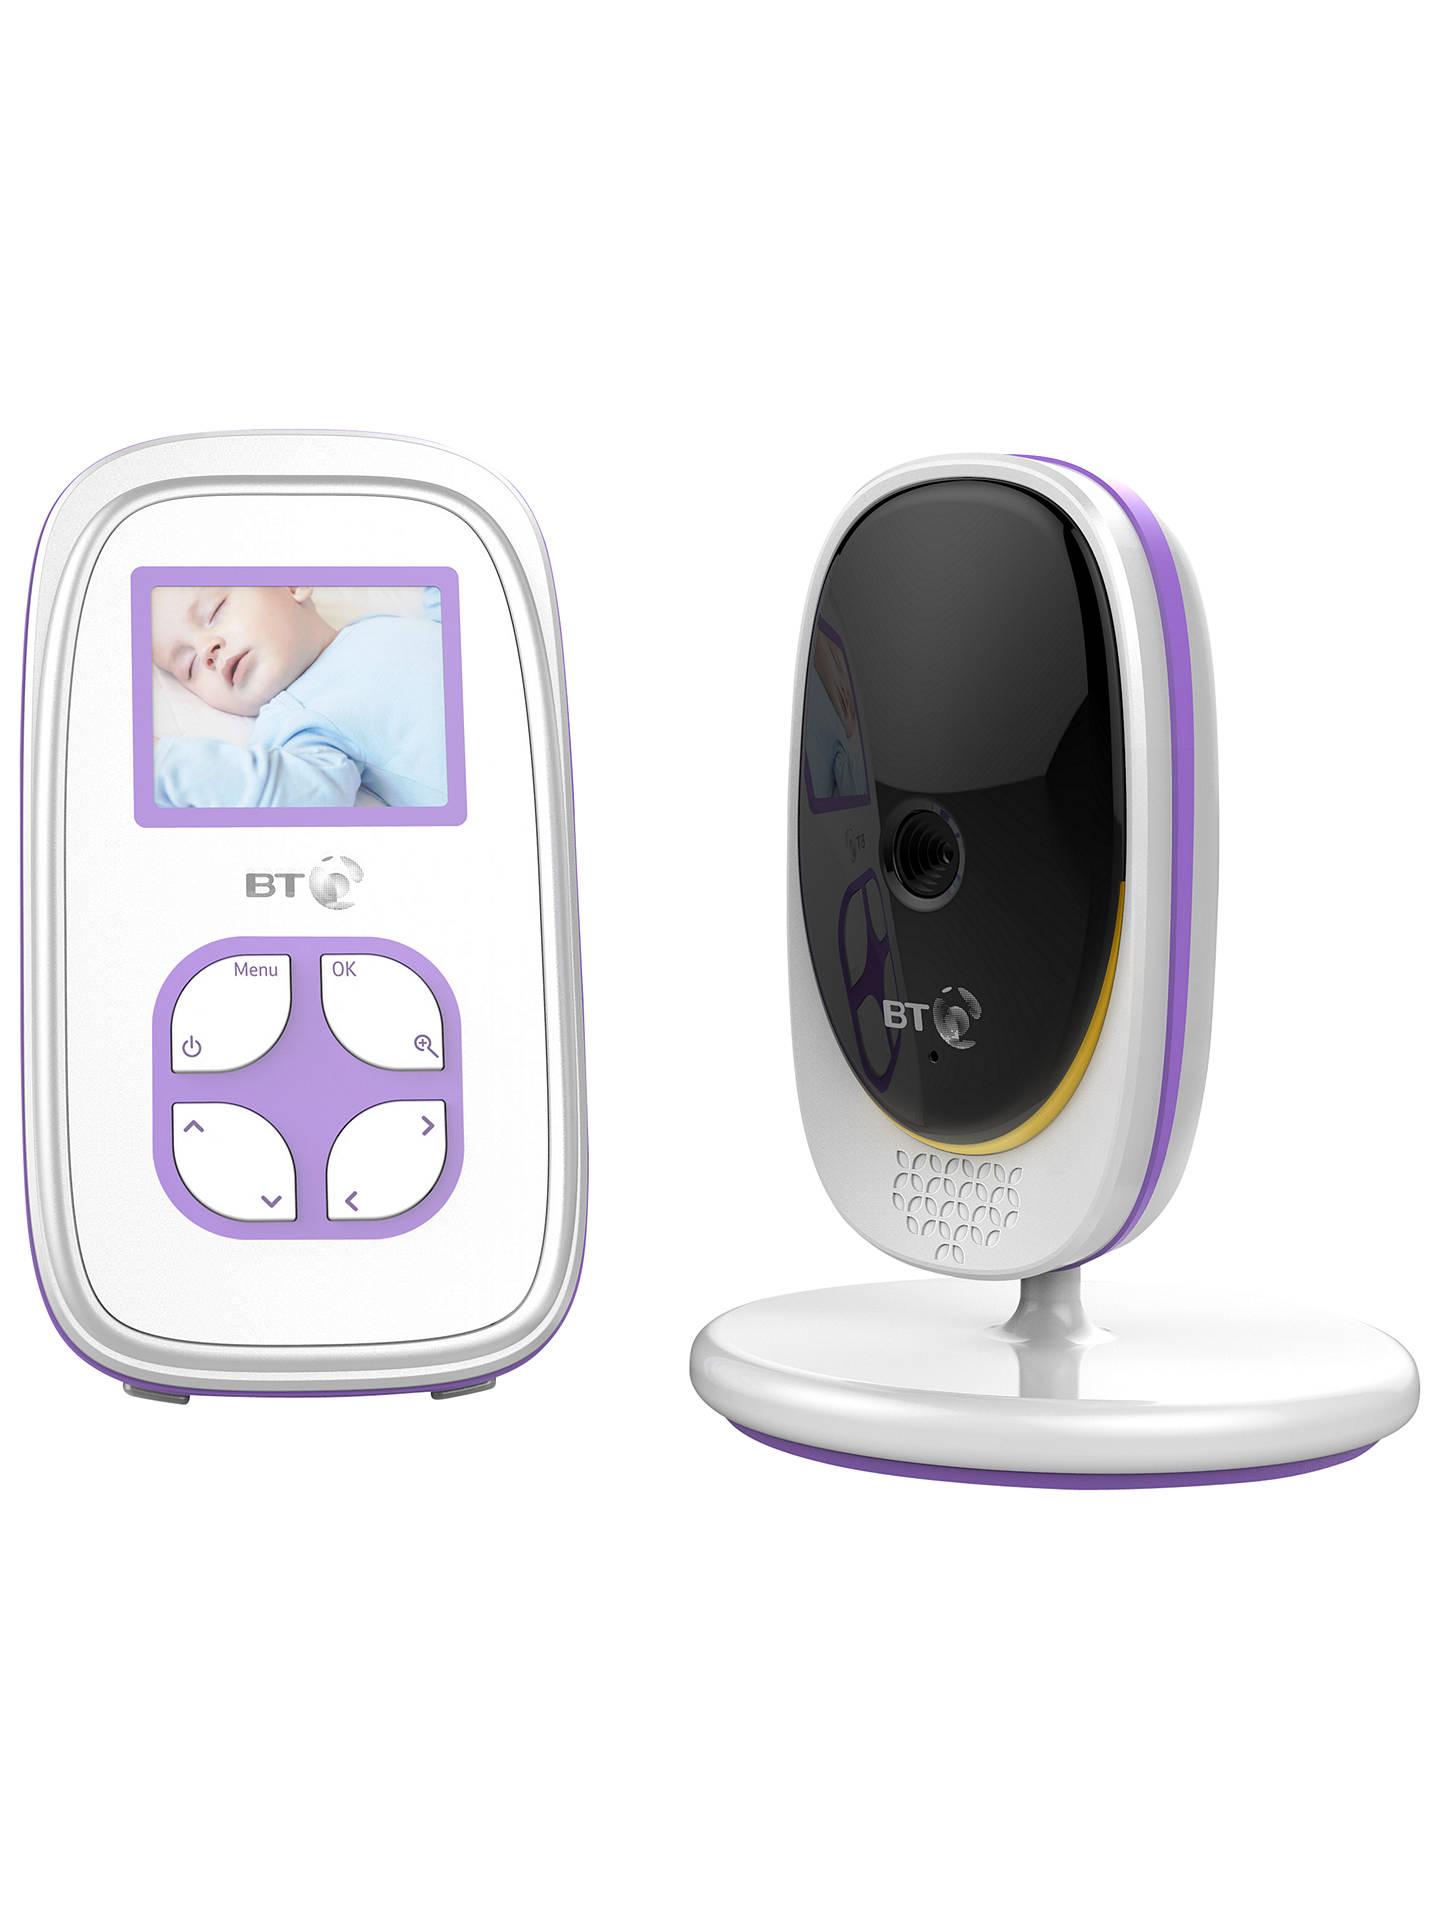 606915af7c28 Buy BT Video Baby Monitor 2000 Online at johnlewis.com ...